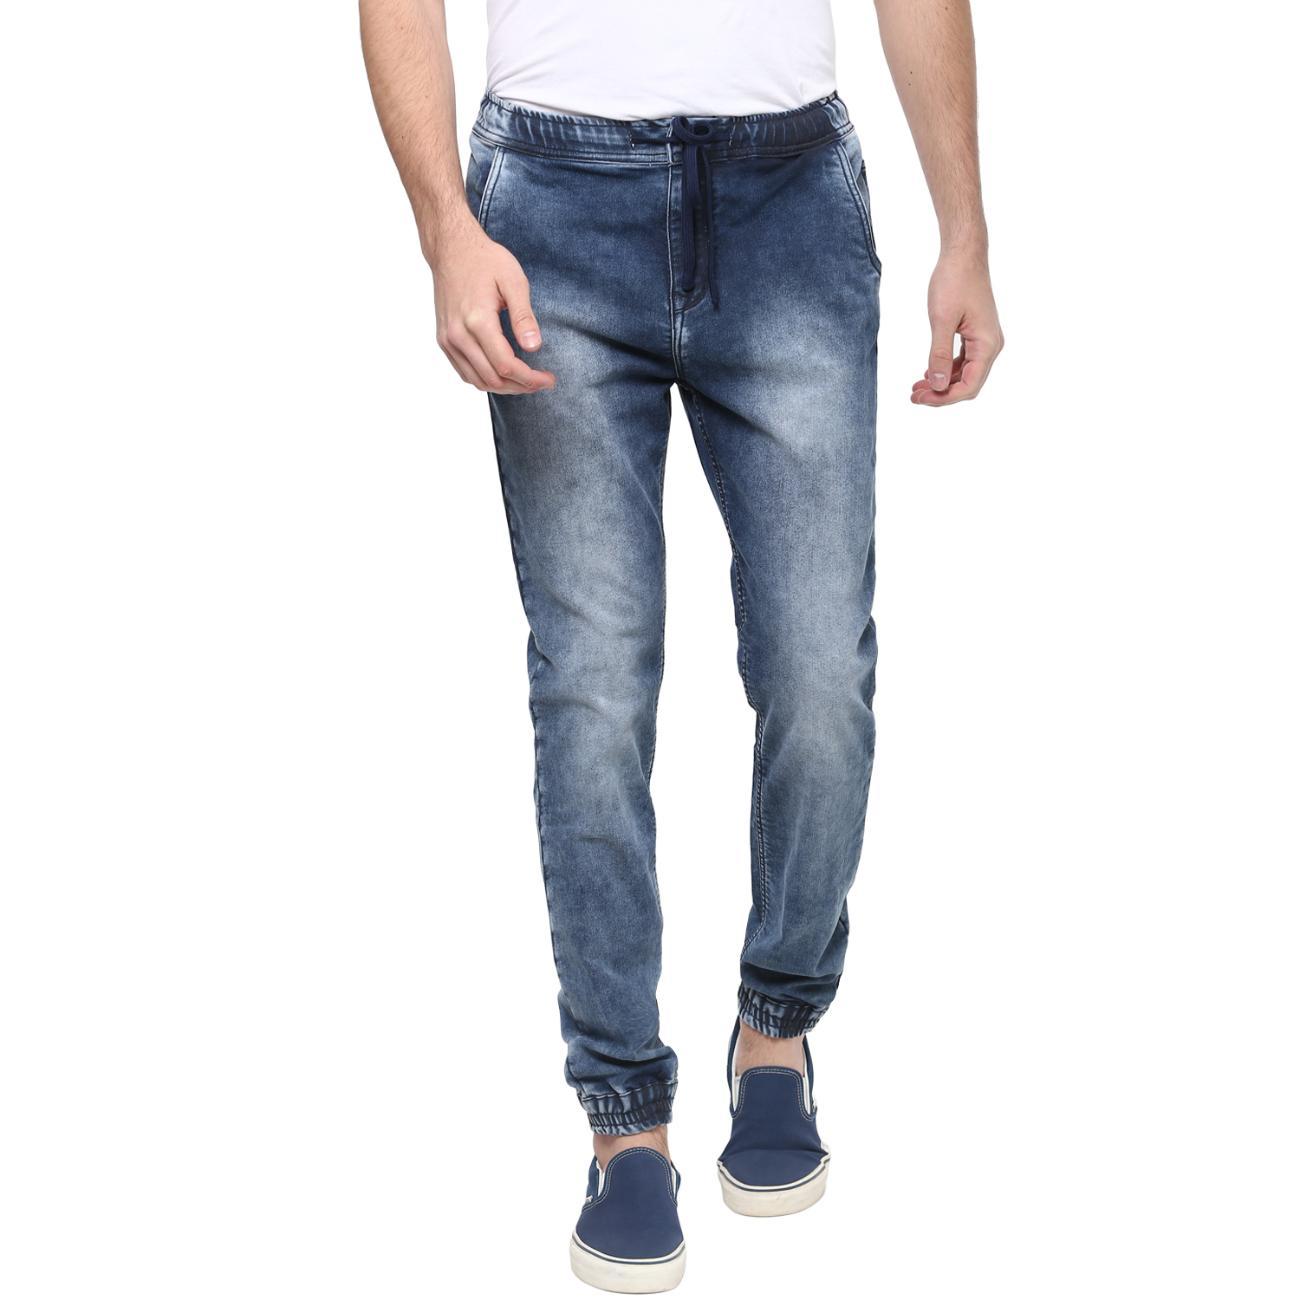 Shop Online Blue Denim Joggers